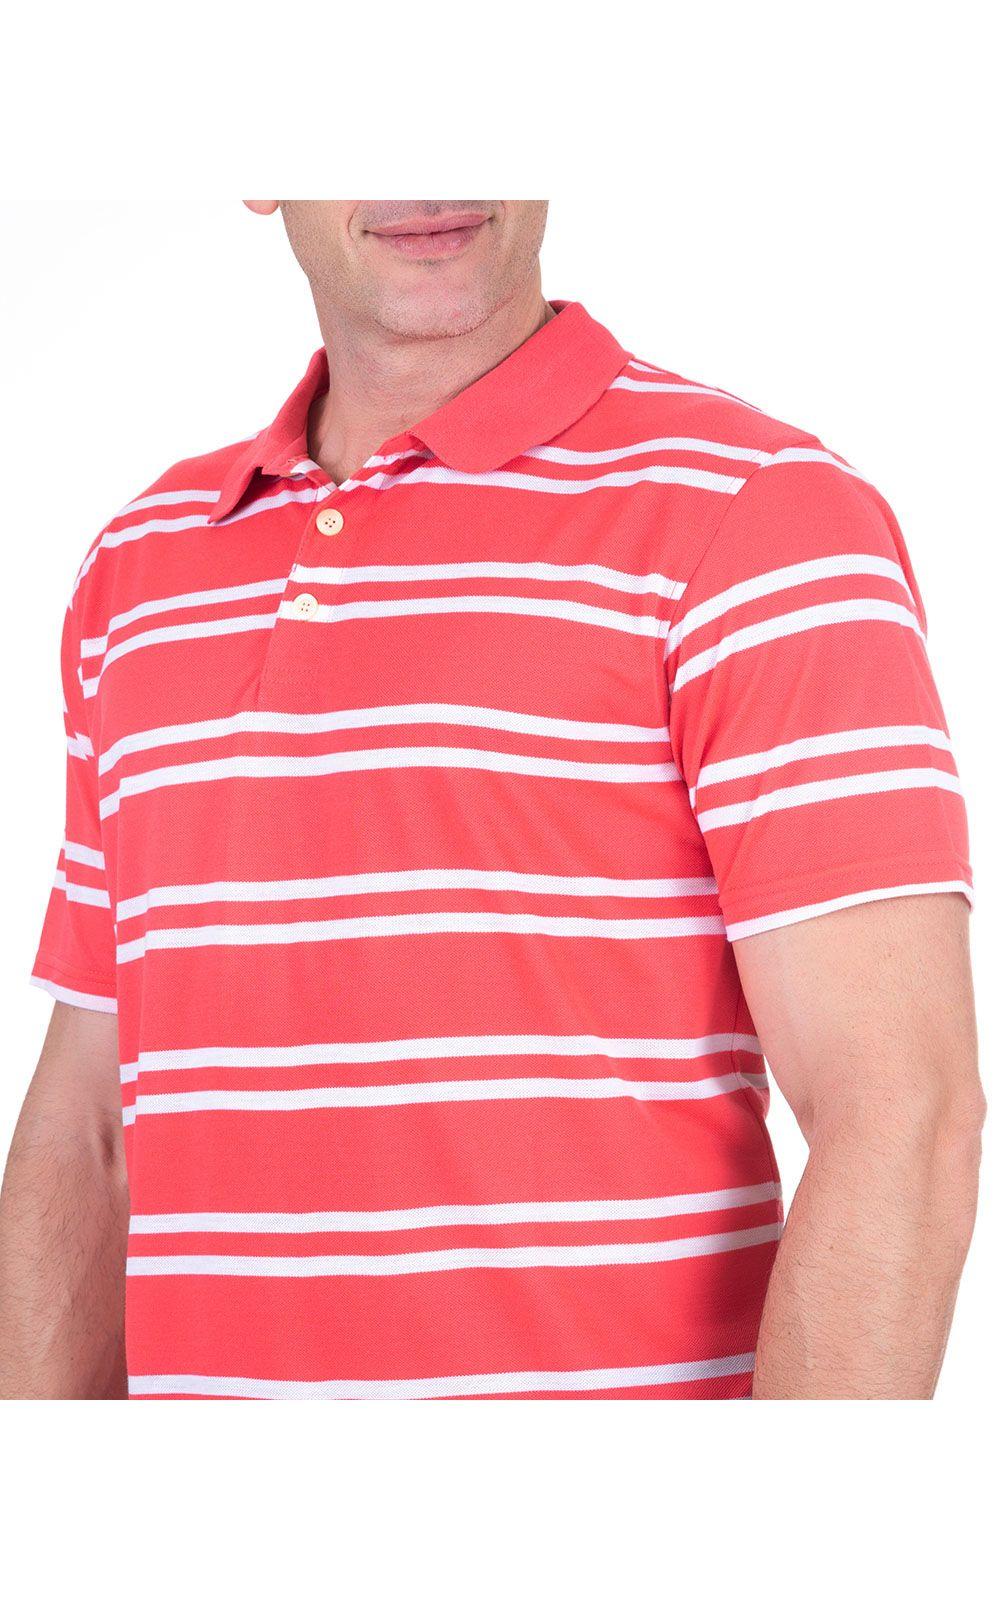 Foto 3 - Camisa Polo Masculina Vermelha Listrada